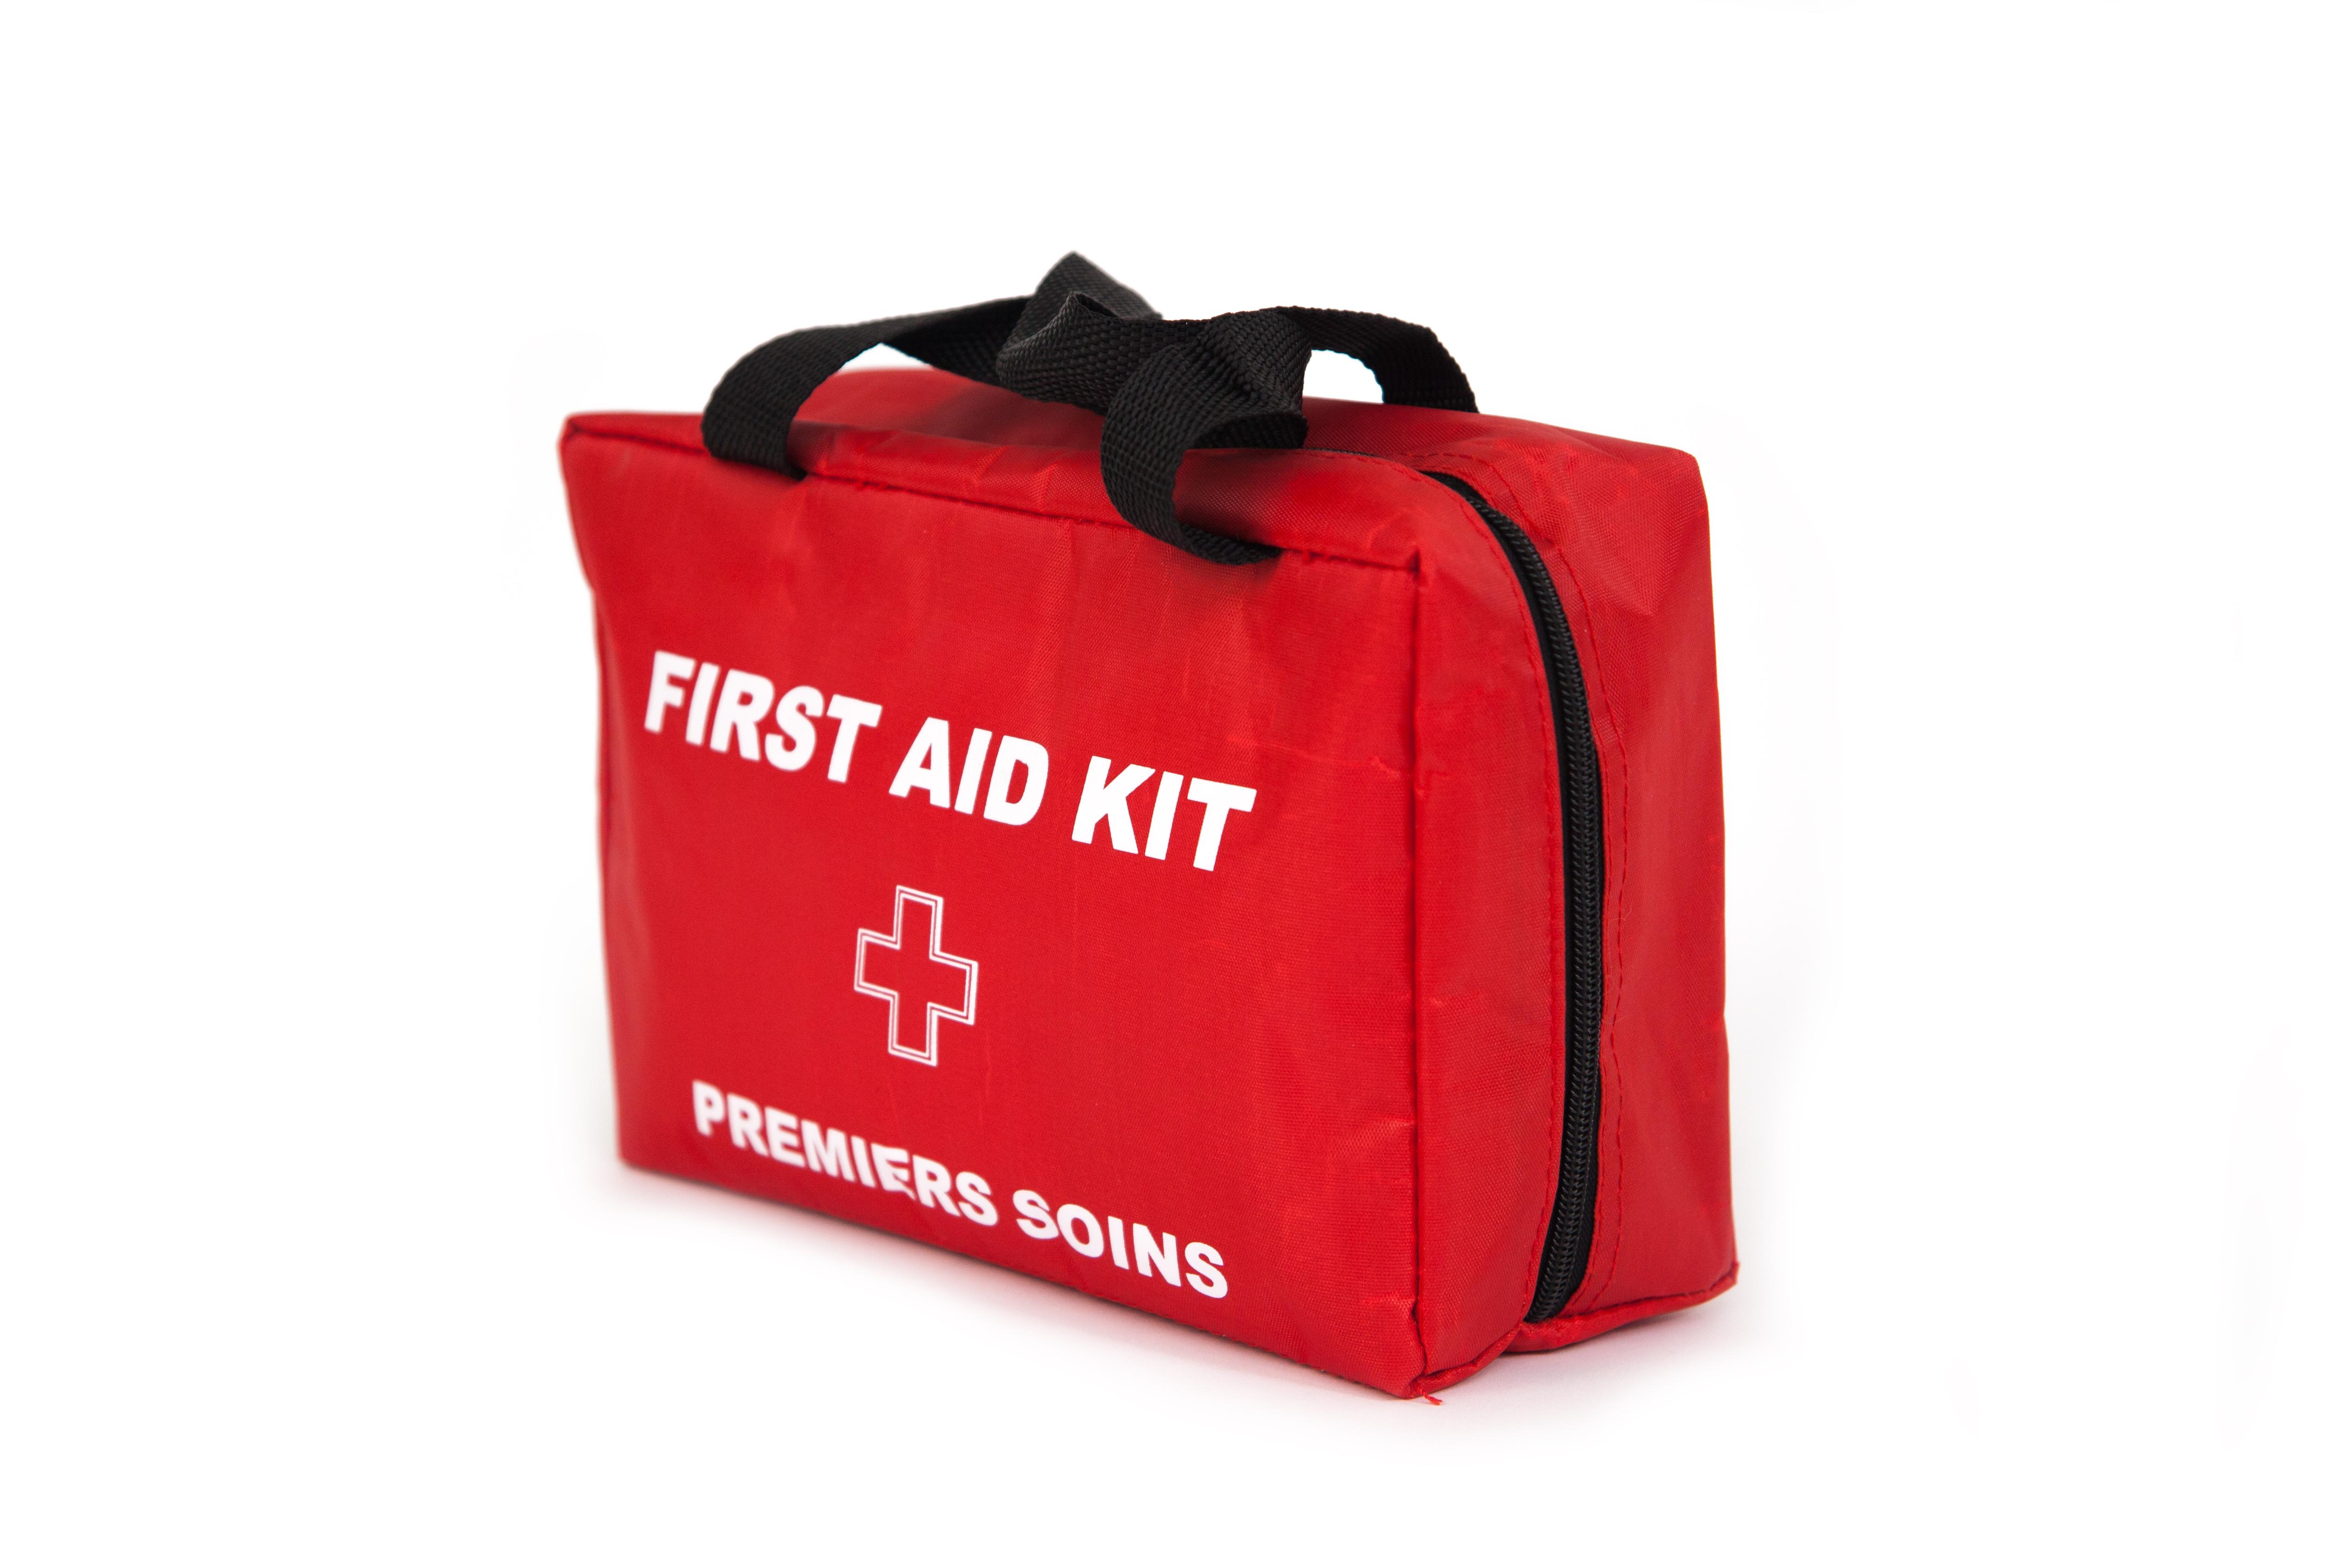 Trousses de premiers soins, Trousses de premiers soins, Académie de secourisme médical